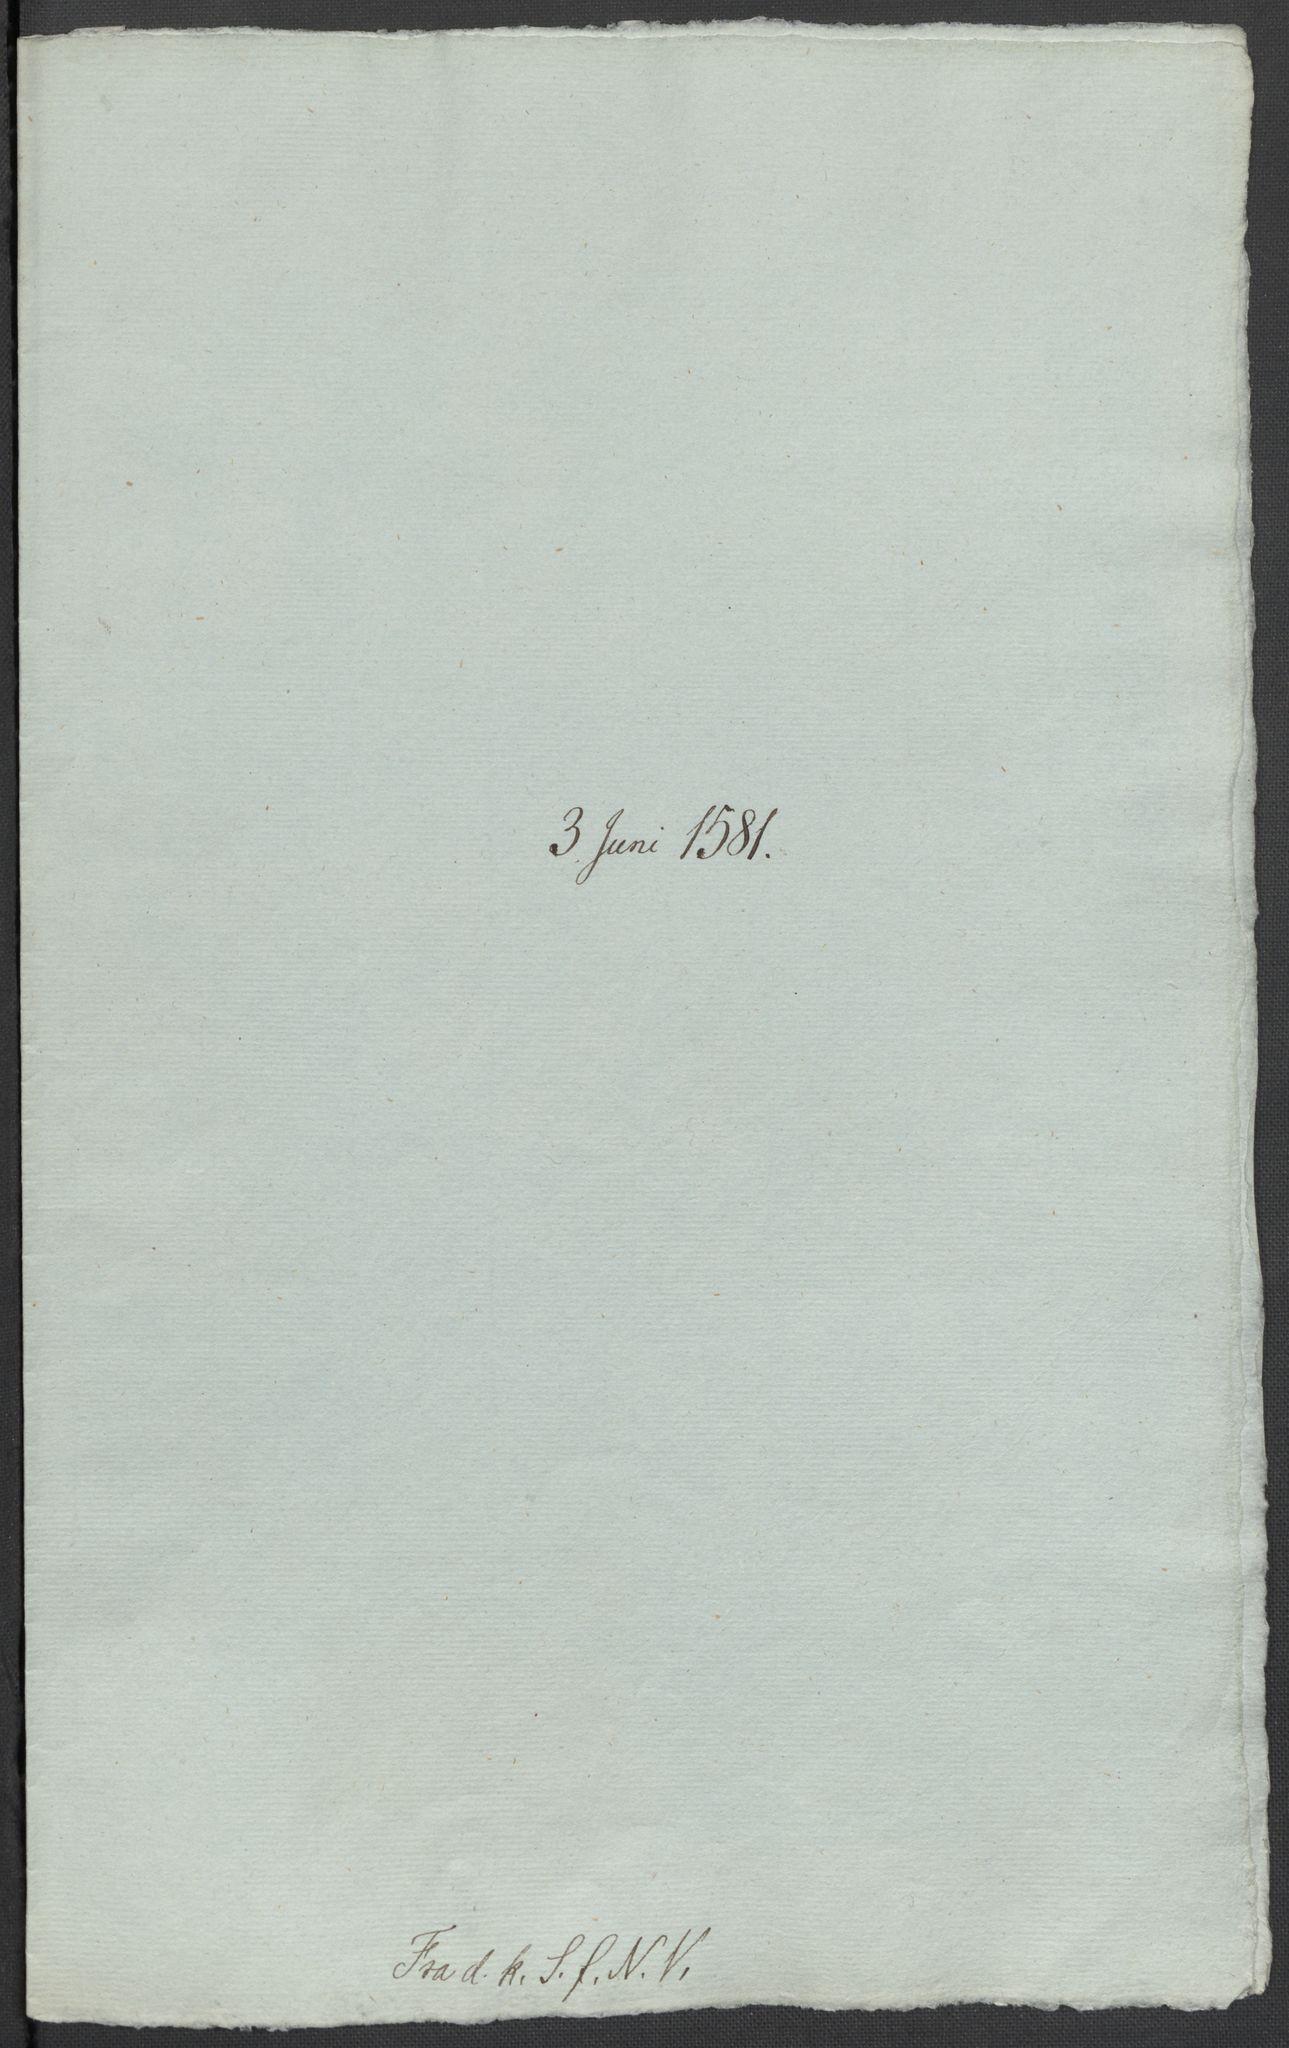 RA, Riksarkivets diplomsamling, F02/L0083: Dokumenter, 1581, s. 18